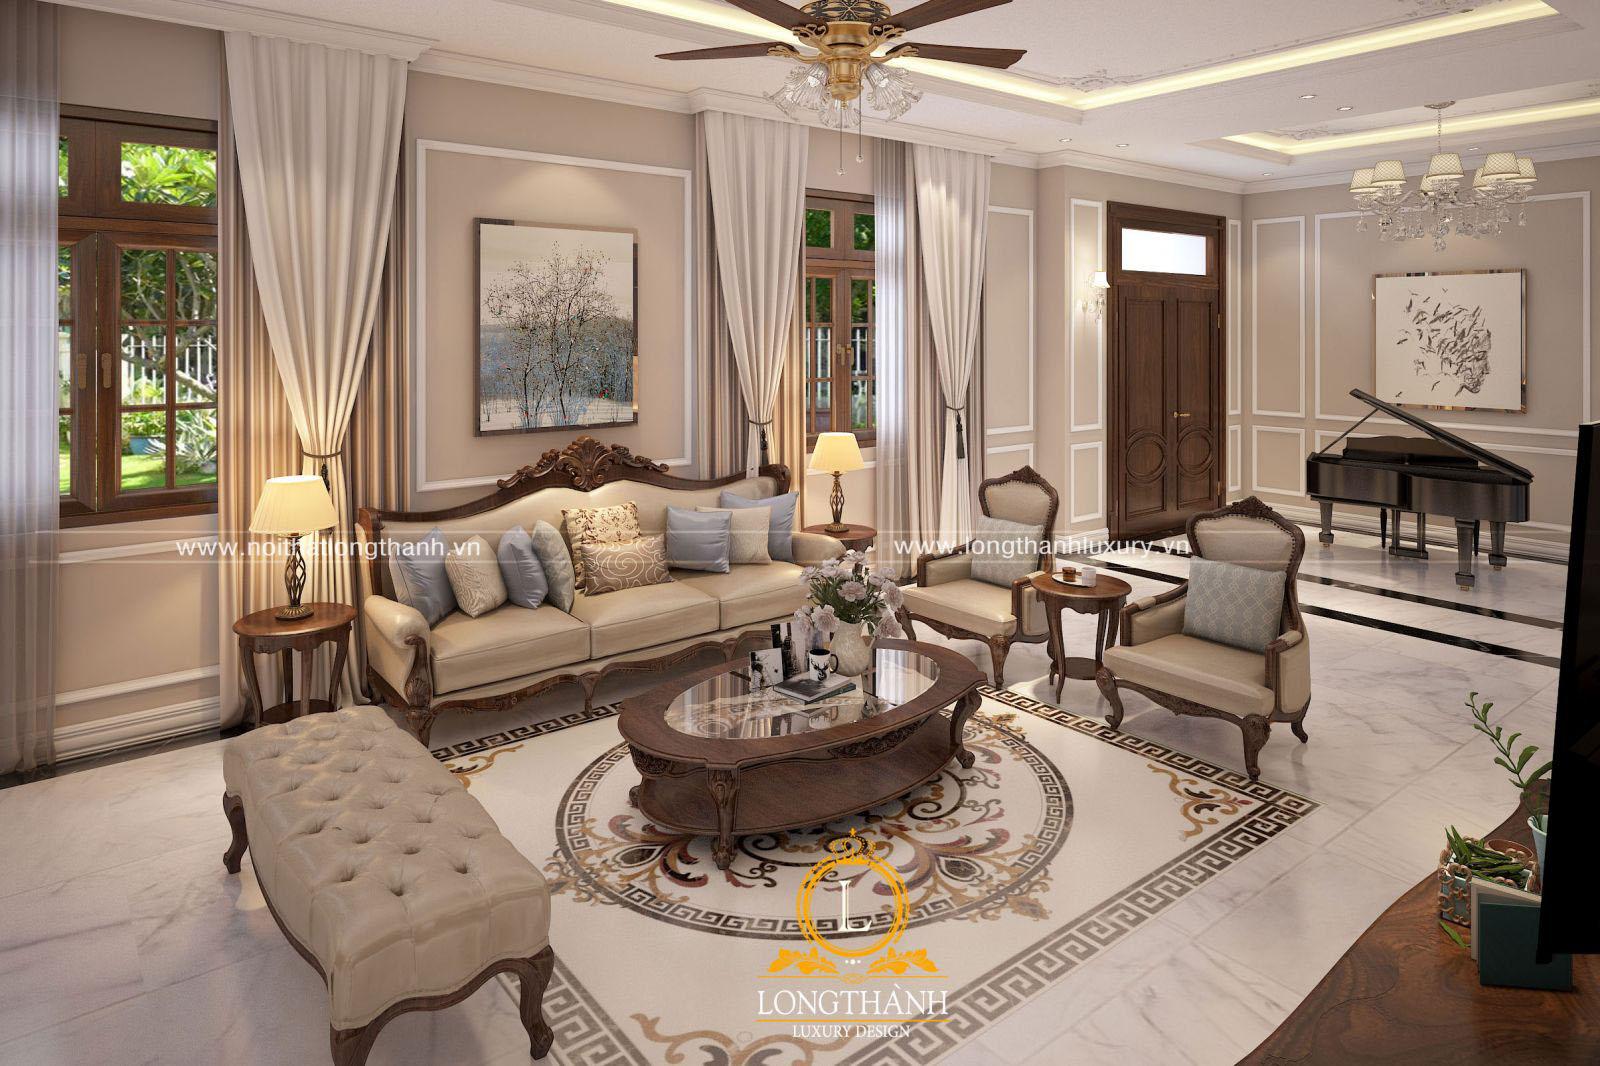 Thiết kế phòng khách với sofa tân cổ điển sang trọng